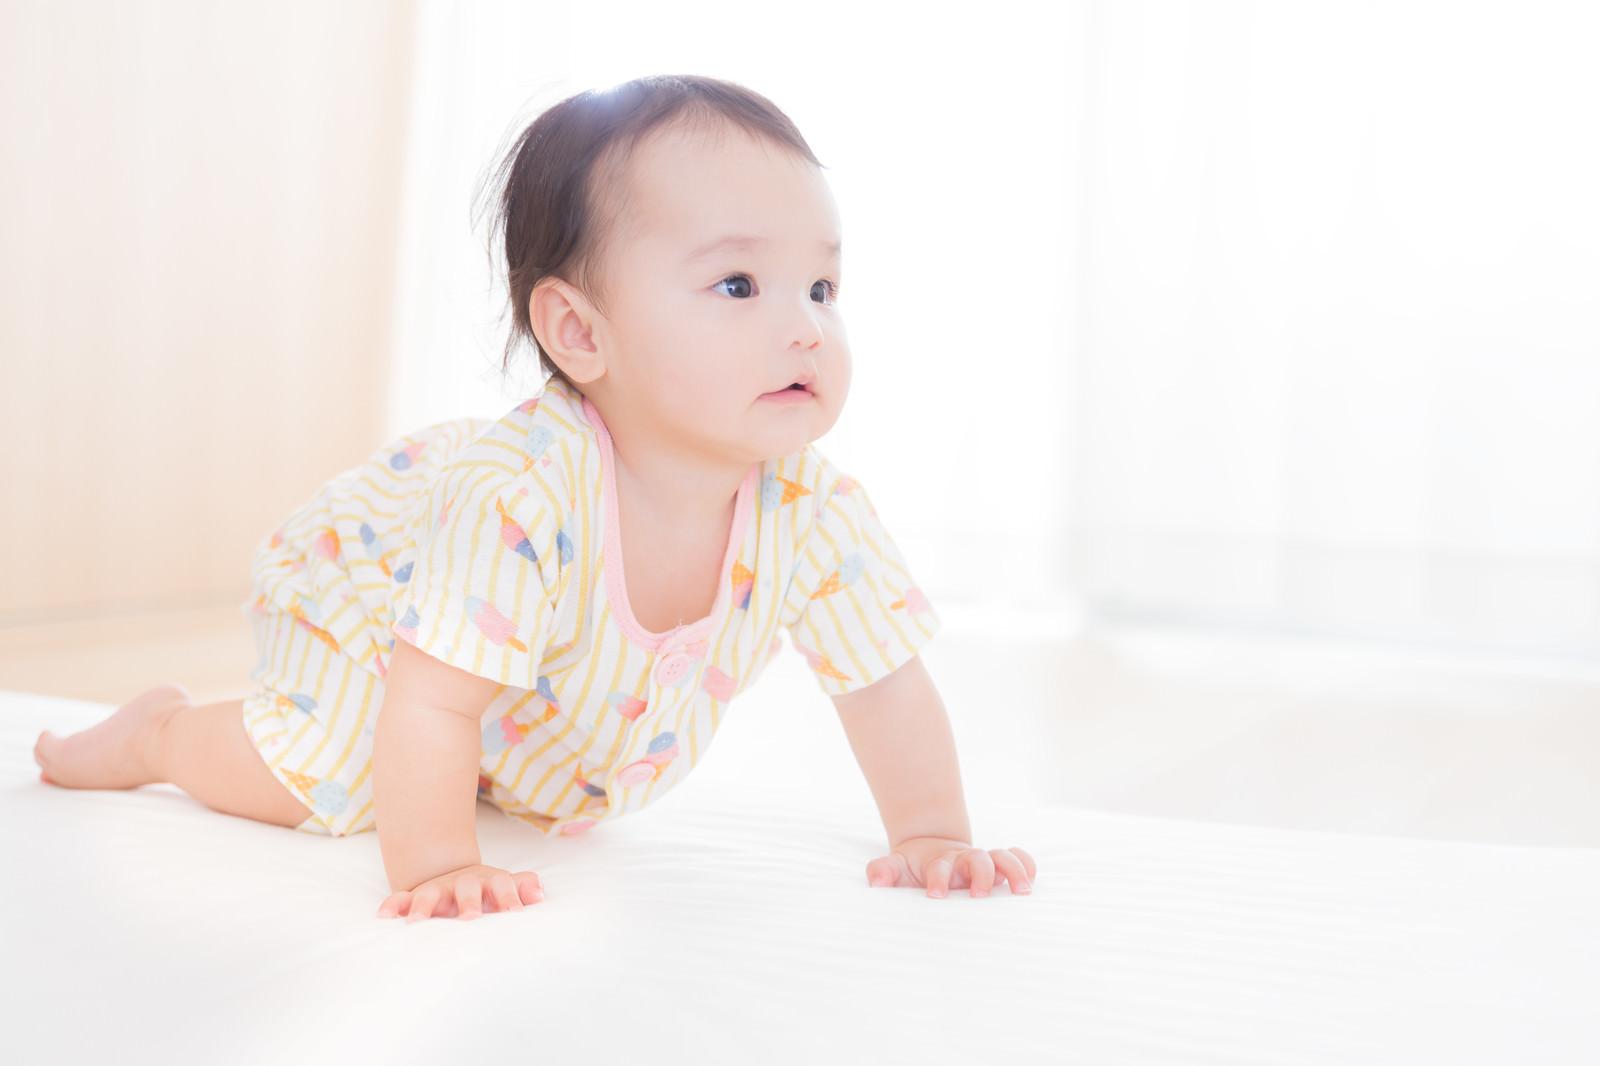 「すくすく成長する赤ちゃん(ハイハイの様子)」の写真[モデル:めぐな]